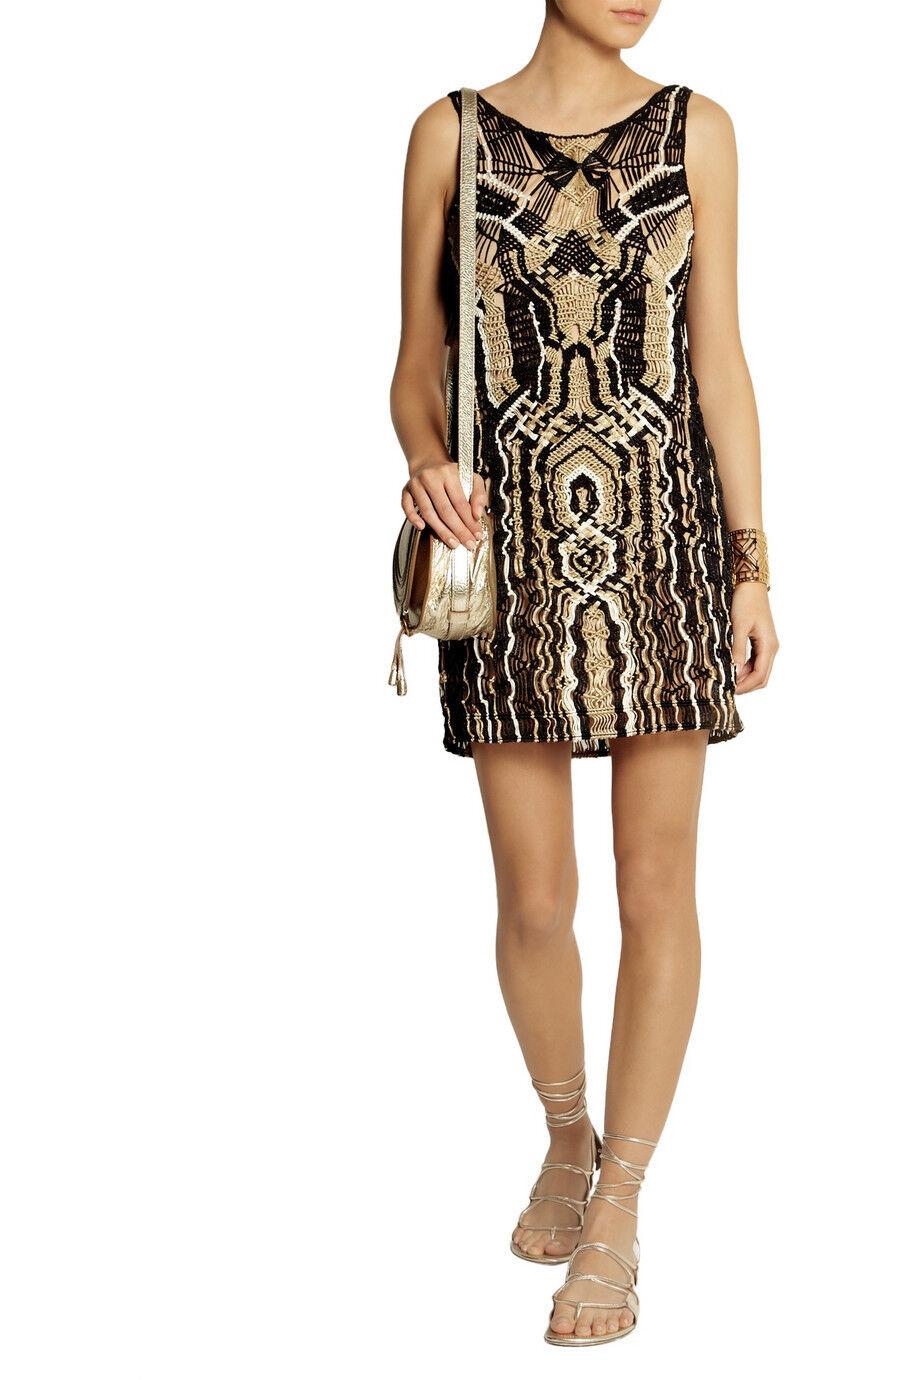 DIANE VON FURSTENBERG DVF Neapoli Dress Seen On Runway Celebrity Größe L